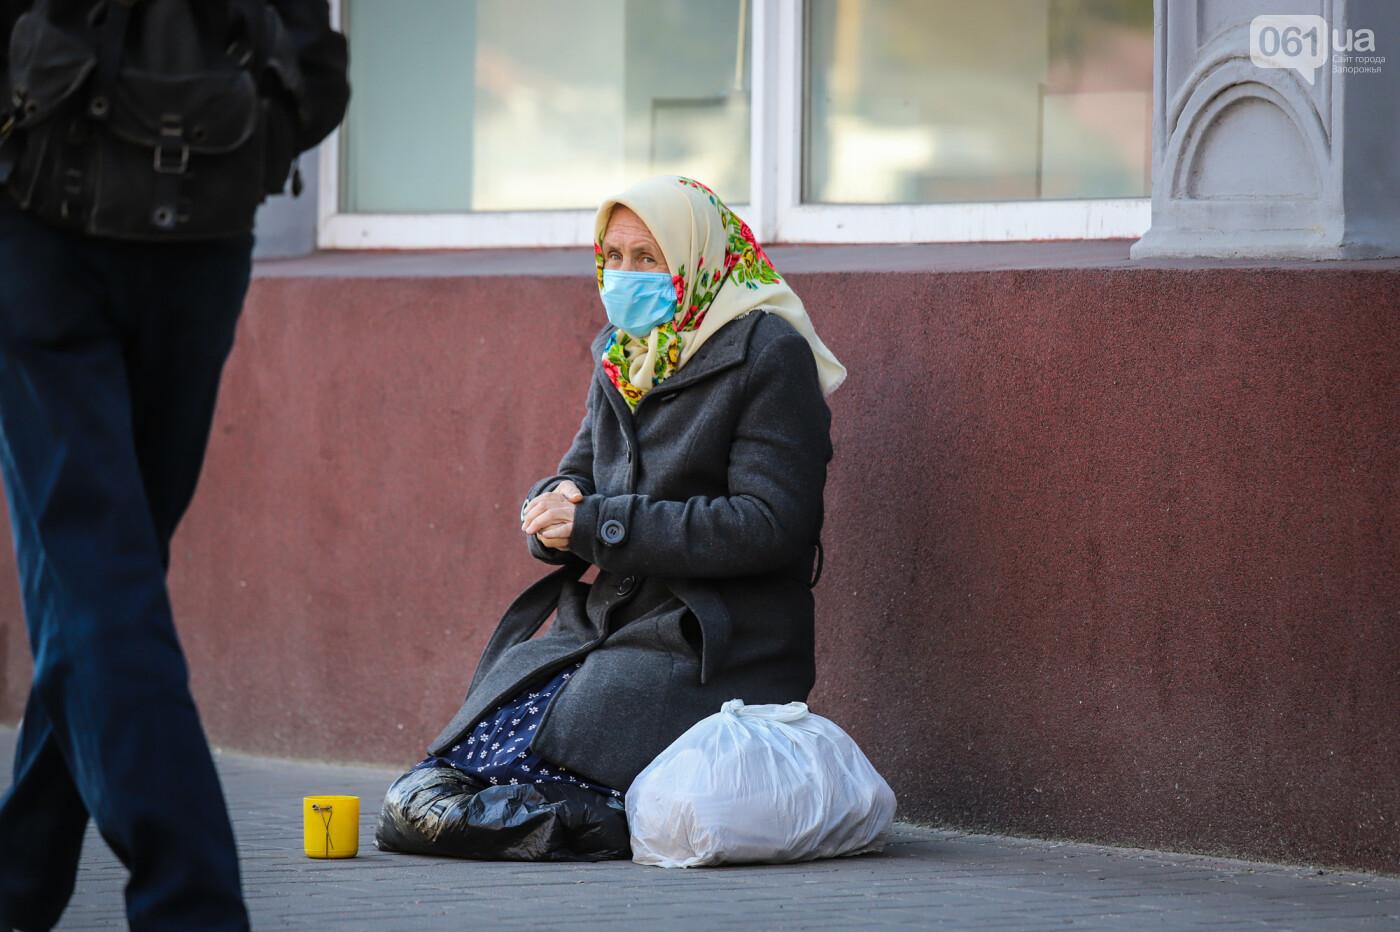 Вход только в масках: как выглядит Запорожье на карантине, - ФОТОРЕПОРТАЖ, фото-14